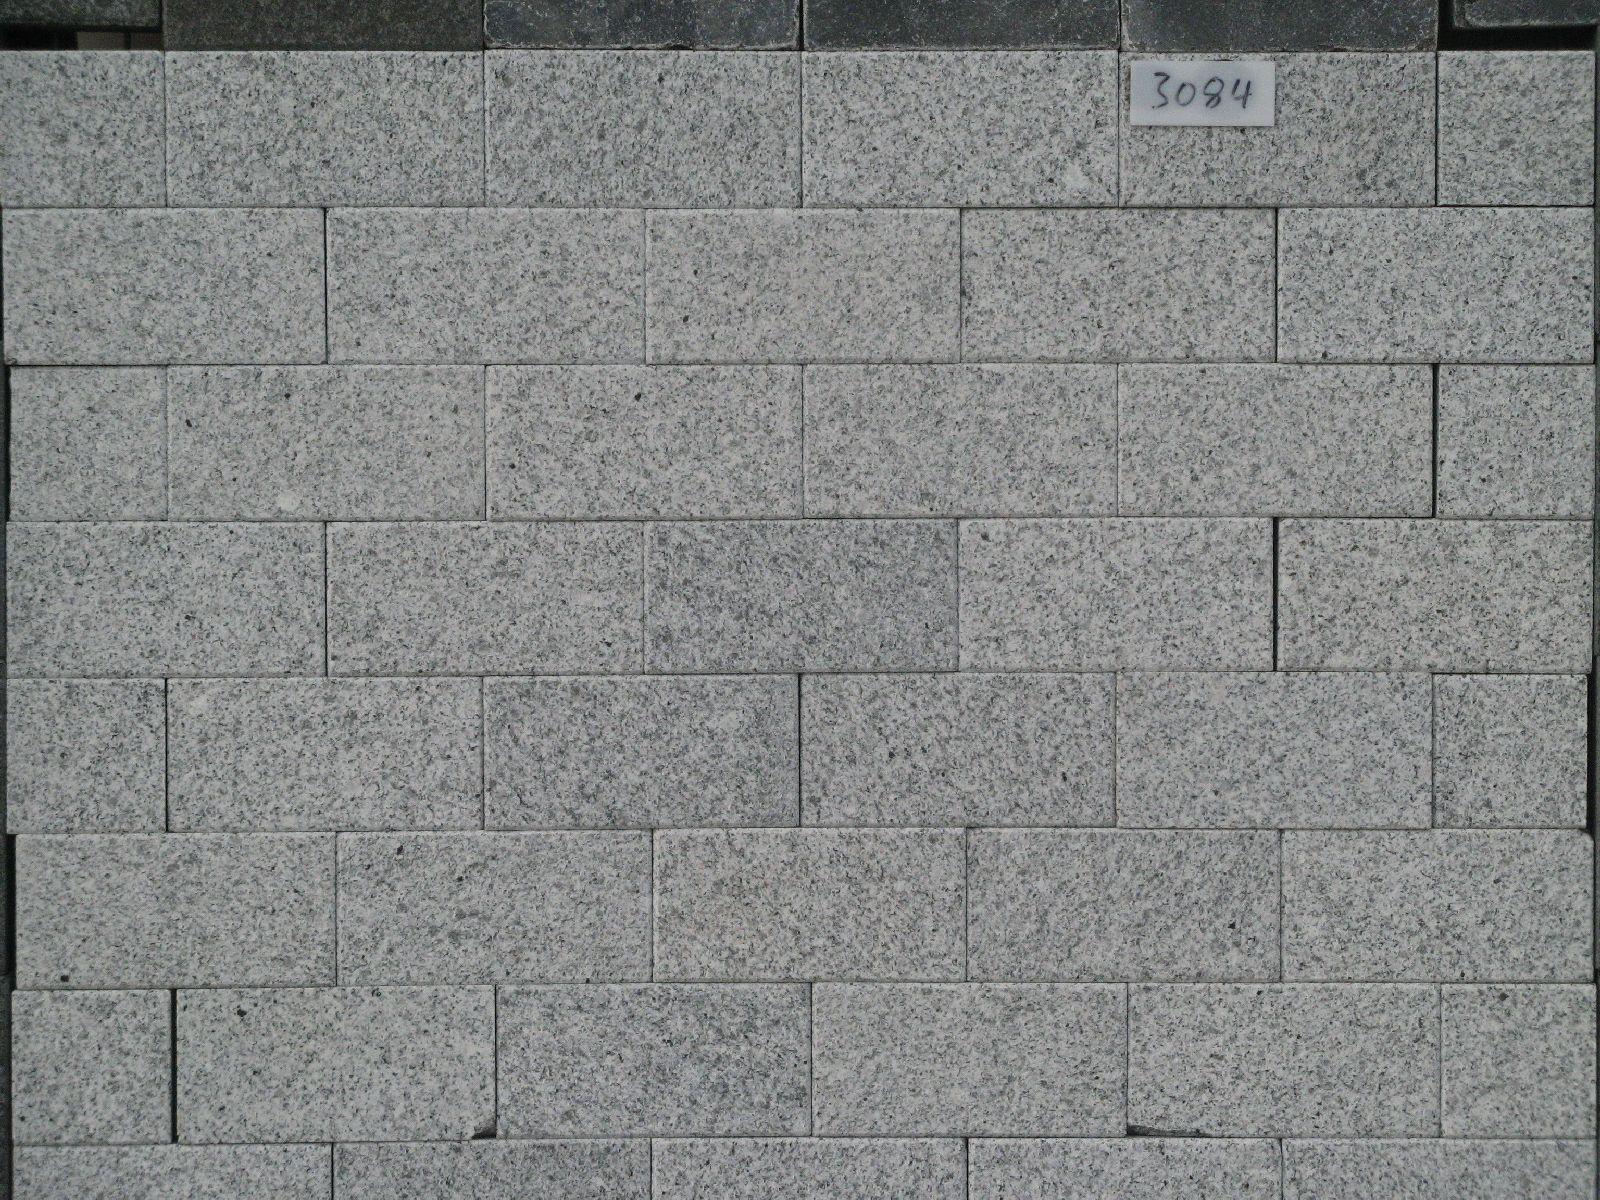 Boden-Gehweg-Strasse-Buergersteig-Textur_B_2923